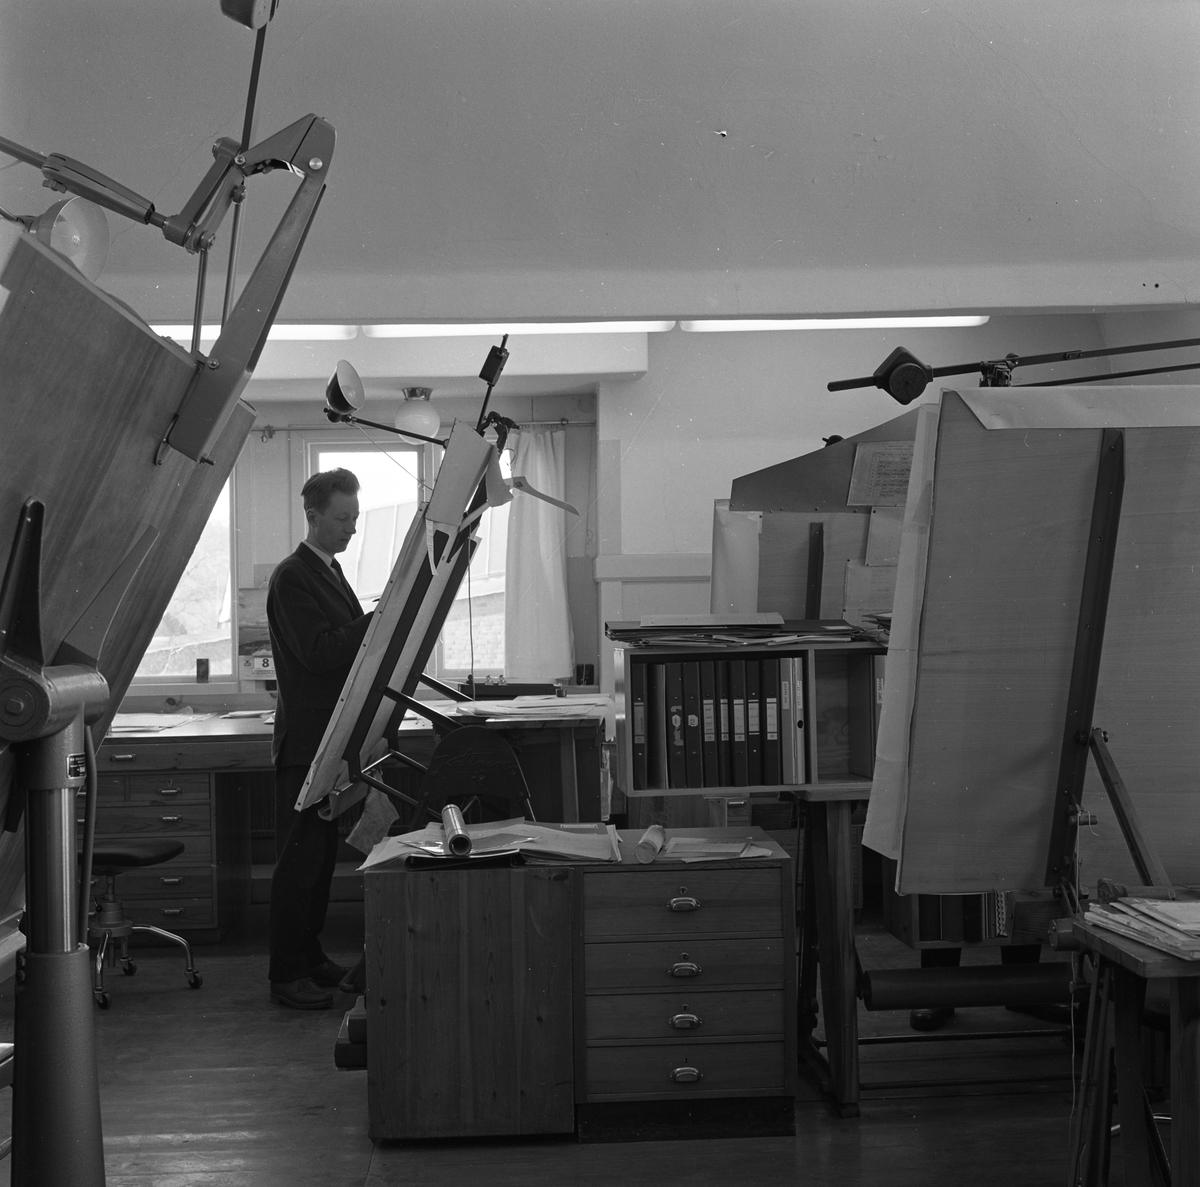 """Curt Ericson på ritkontoret på """"Meken"""", Arboga Mekaniska Verkstad. Interiörbild från kontoret. Kostymklädd man vid ritbord, bokhylla med pärmar inom räckhåll."""